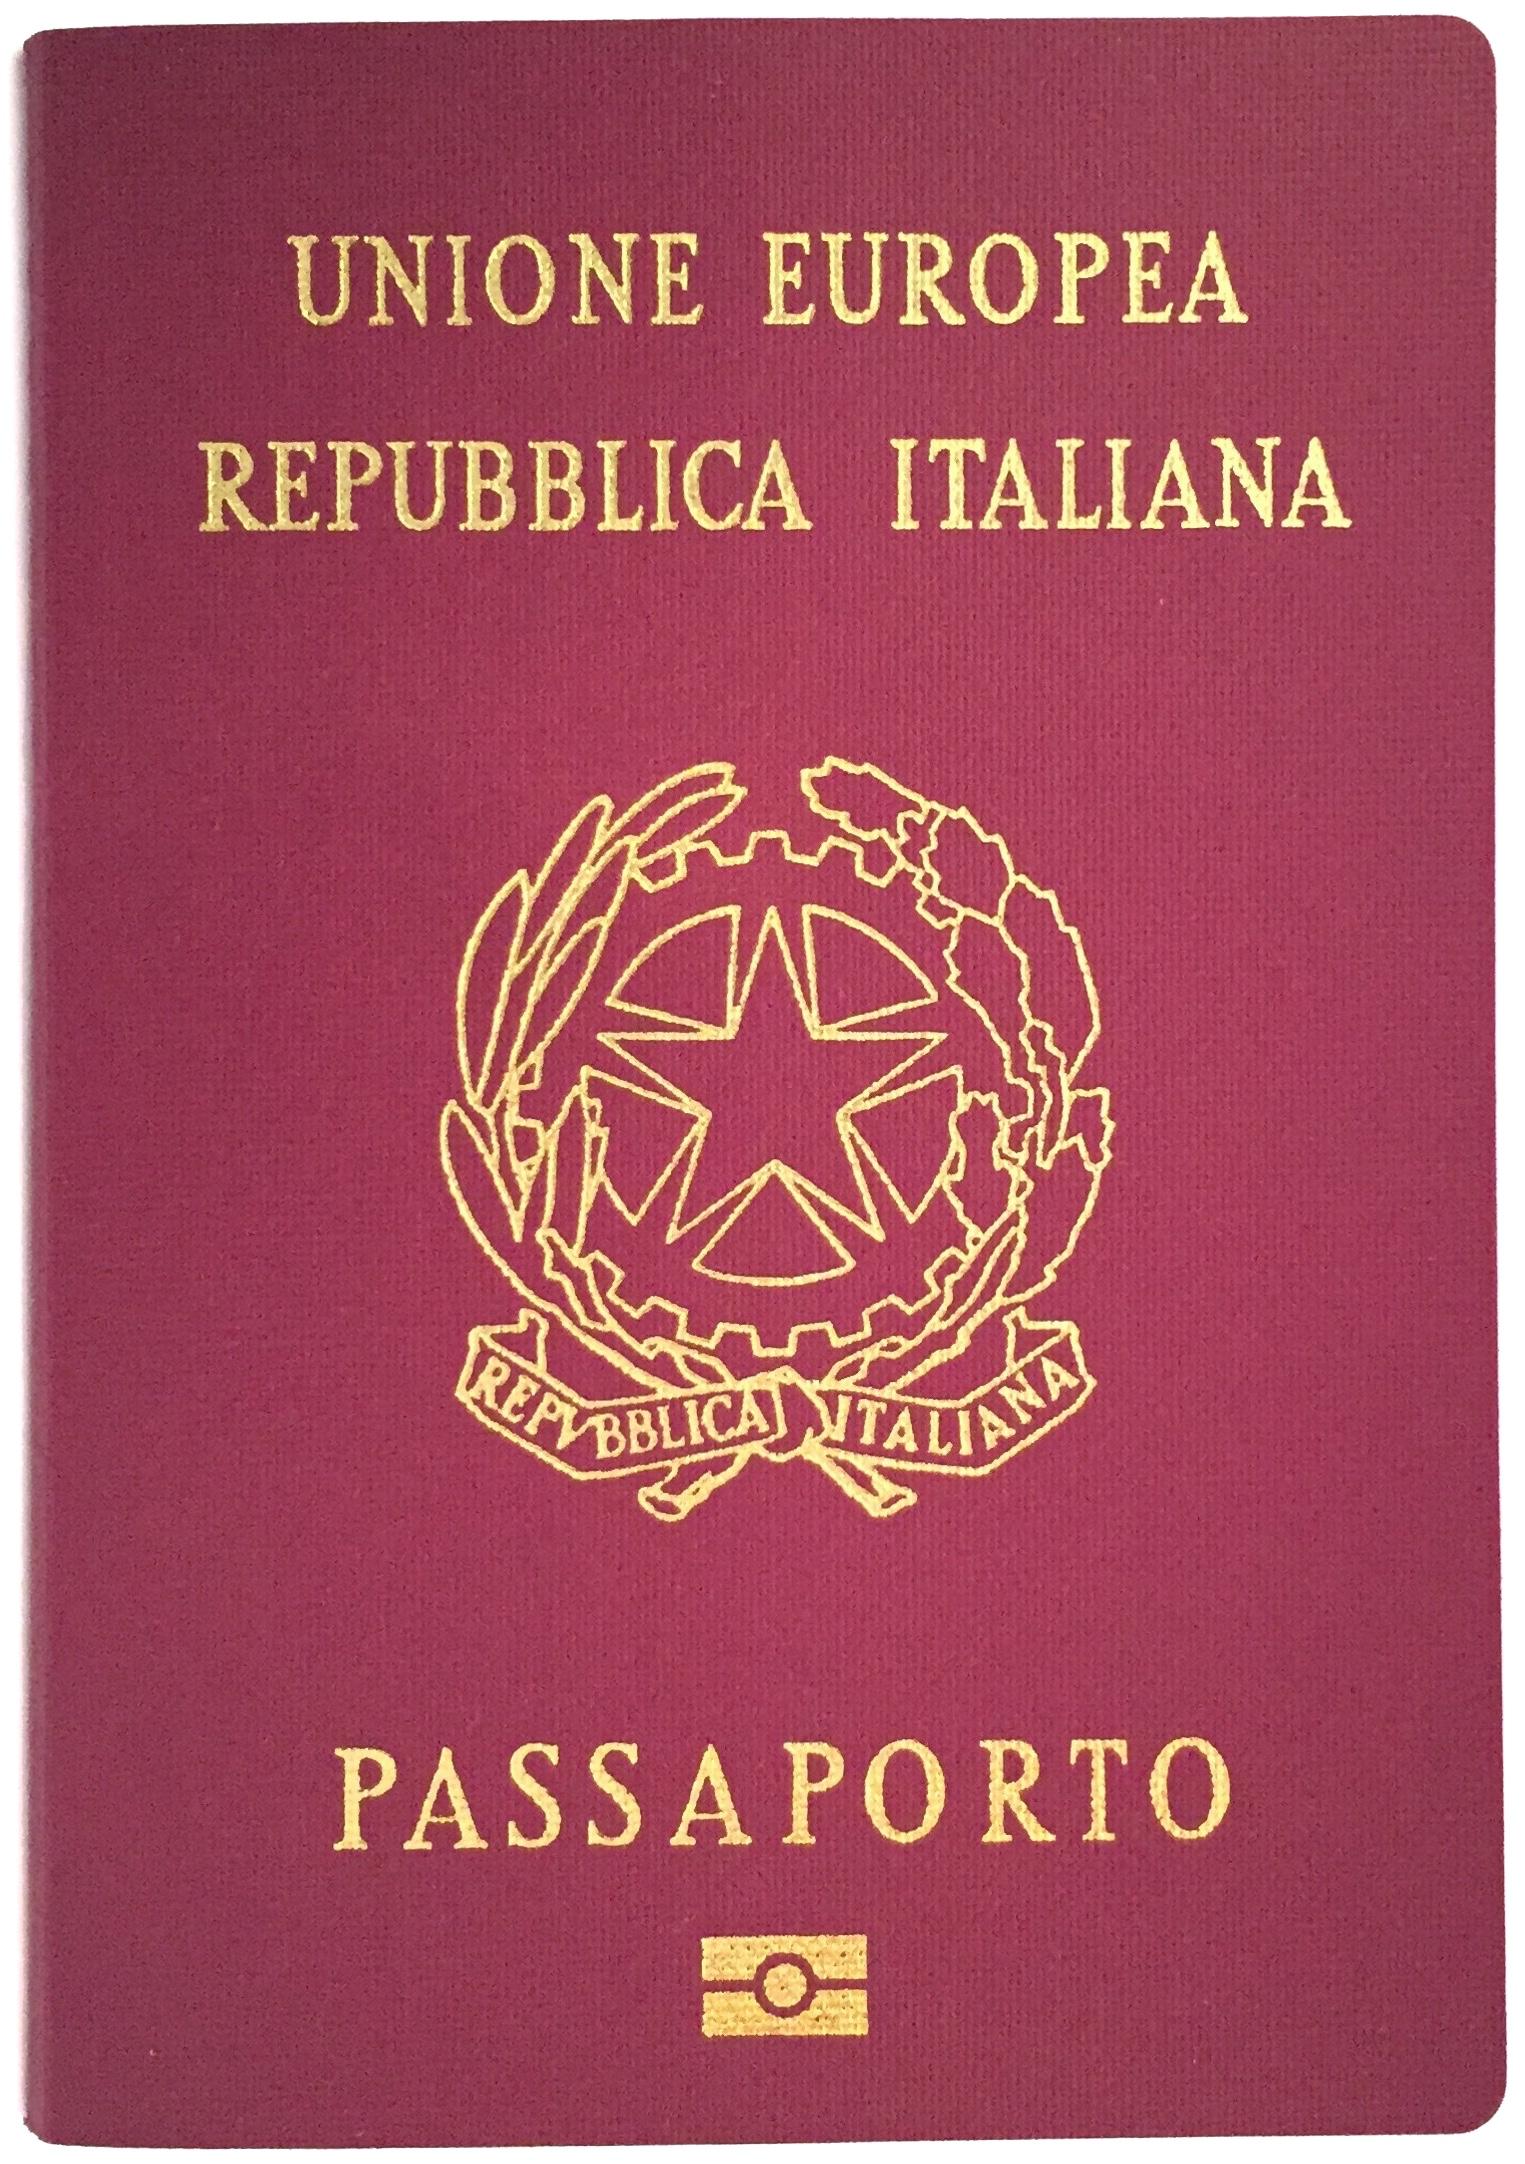 Passaporto italiano wikiwand for Cittadinanza italiana tempi di attesa 2018